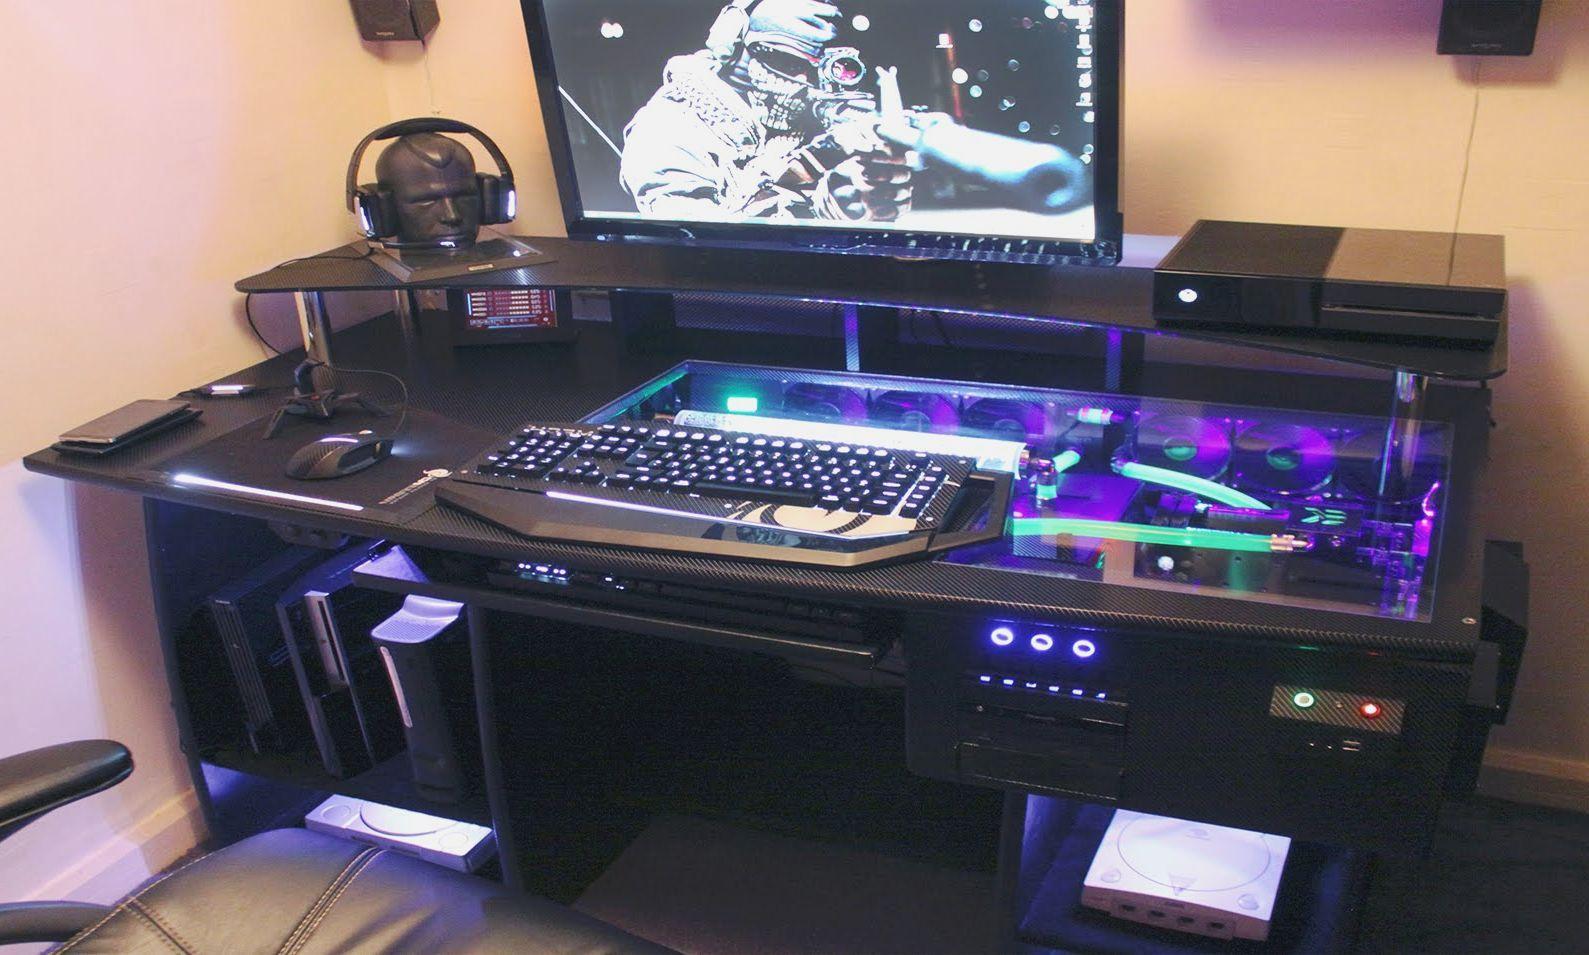 Desk Computer Case Bsm Gaming Computer Desk Computer Desk